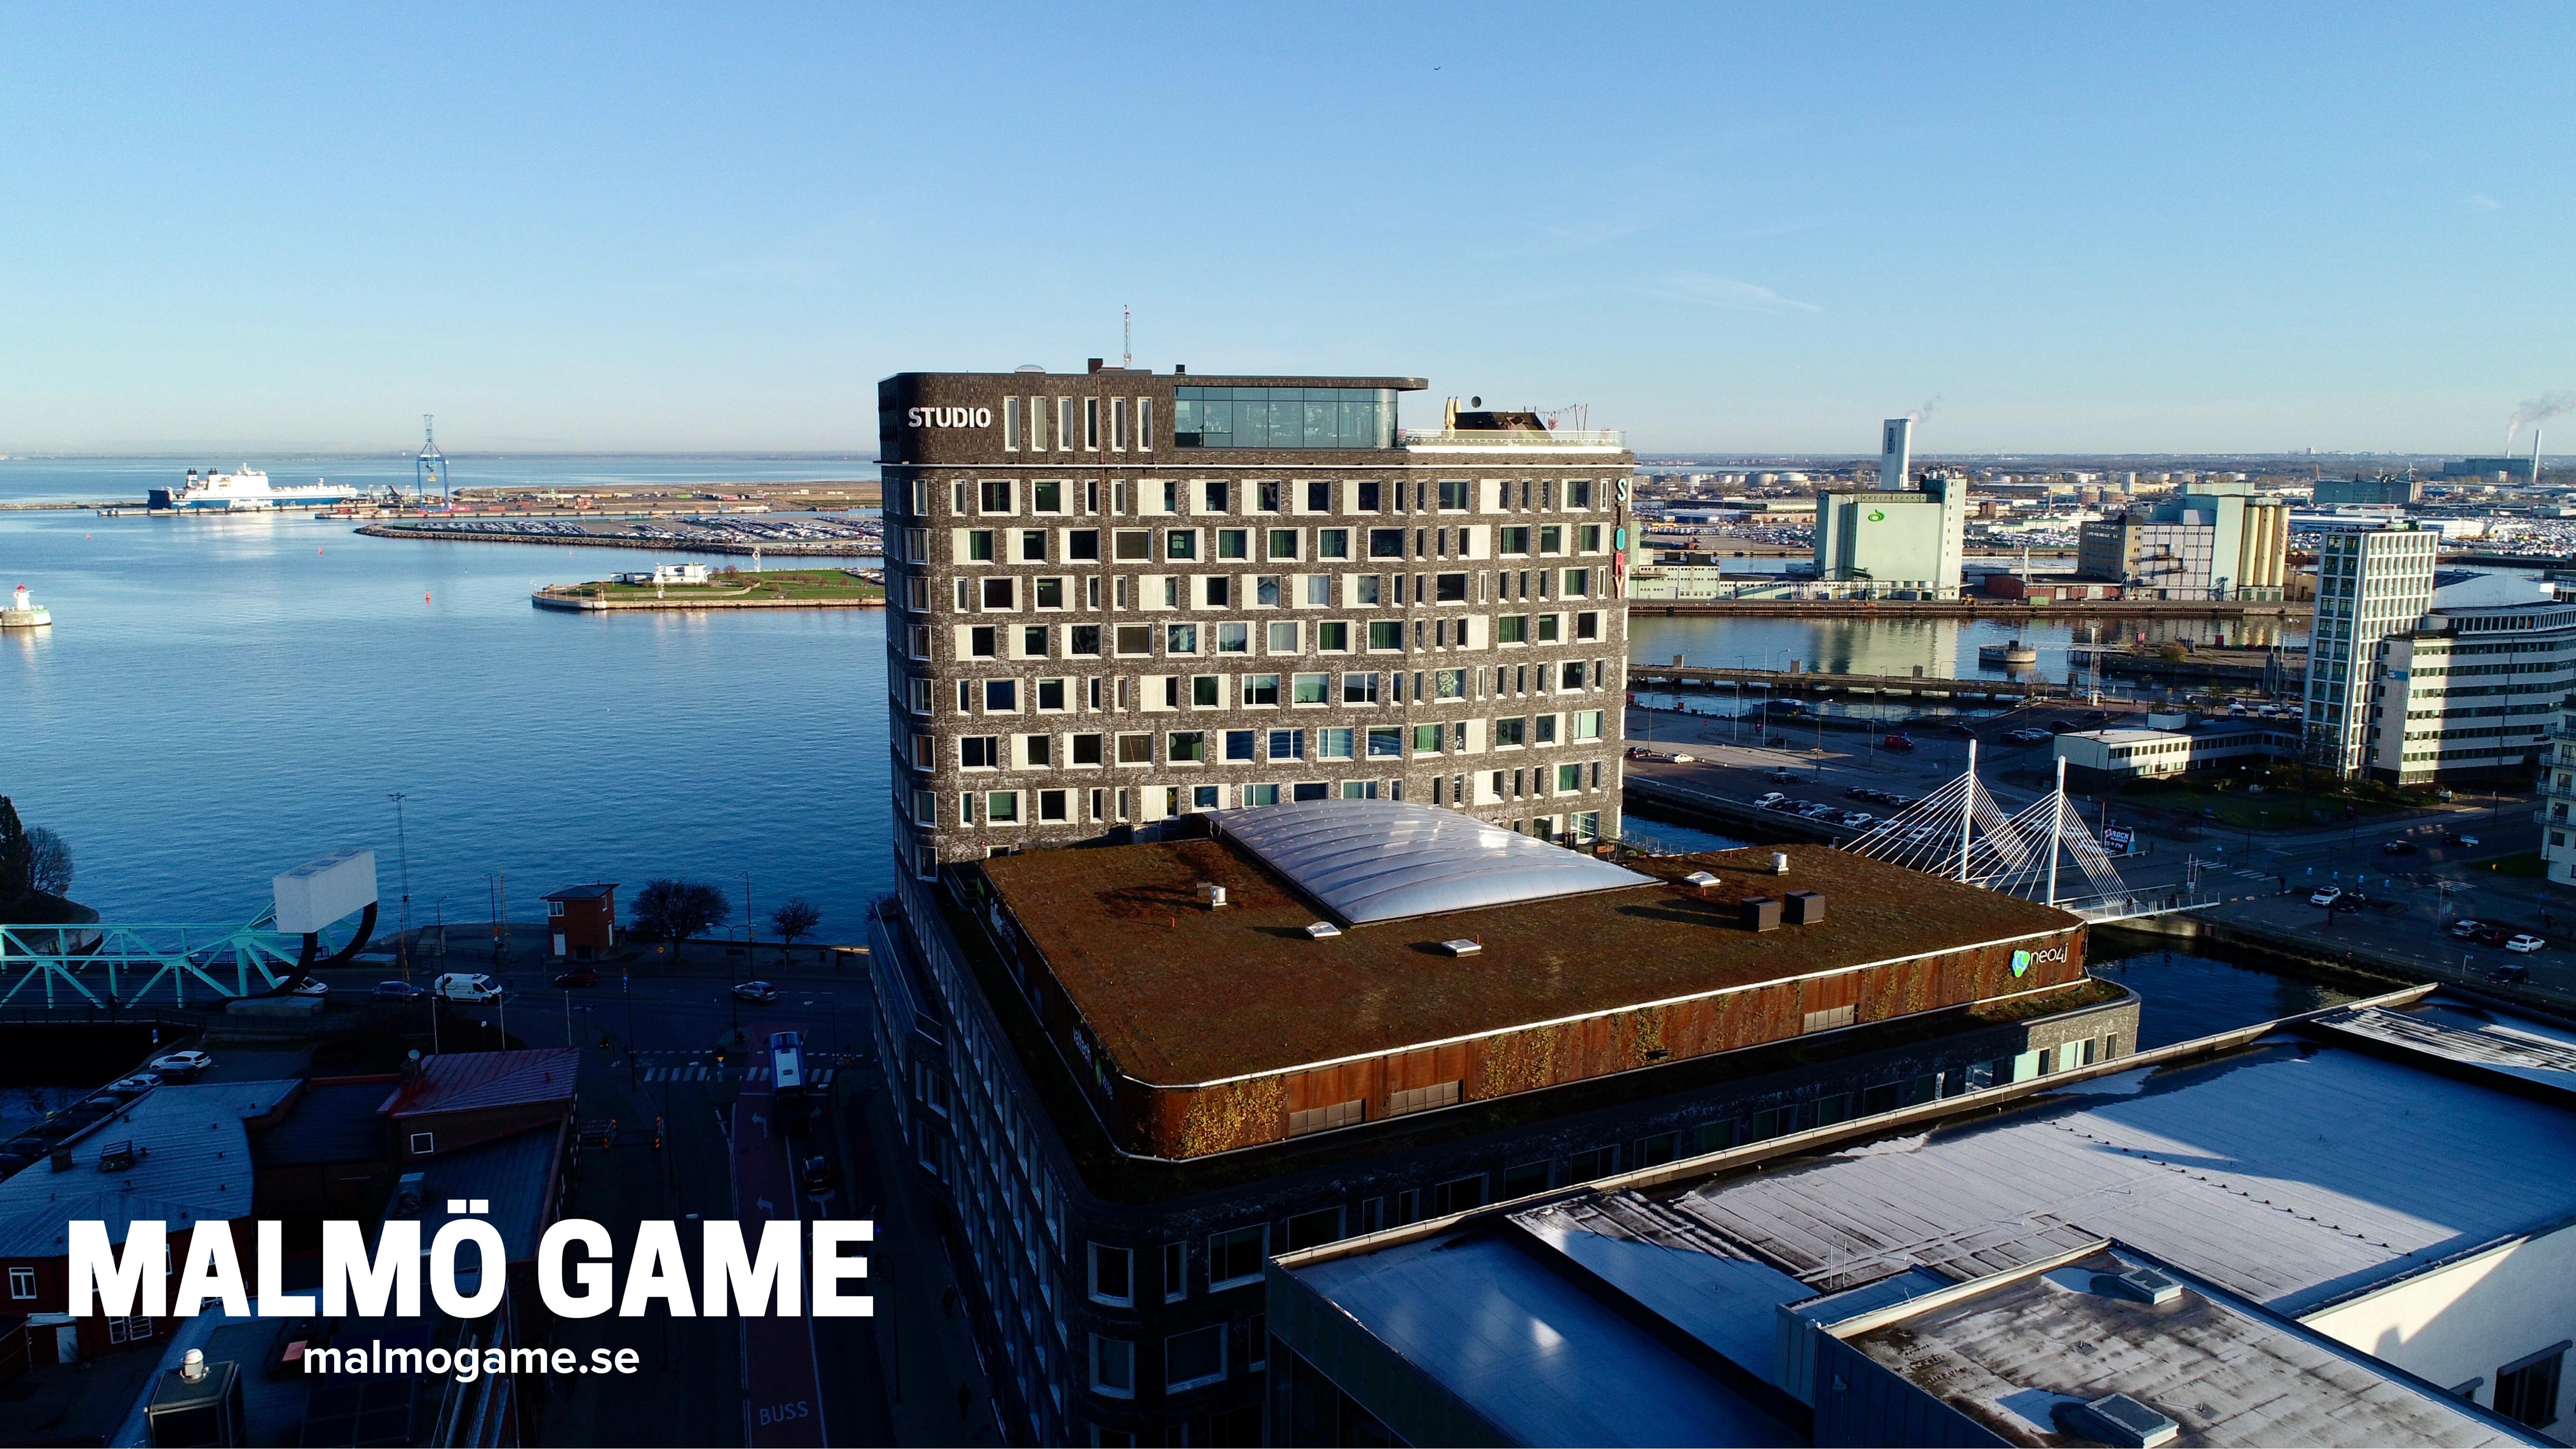 We are Malmö Game - Esports. Gaming. Streaming. - @malmogame - malmogame.se